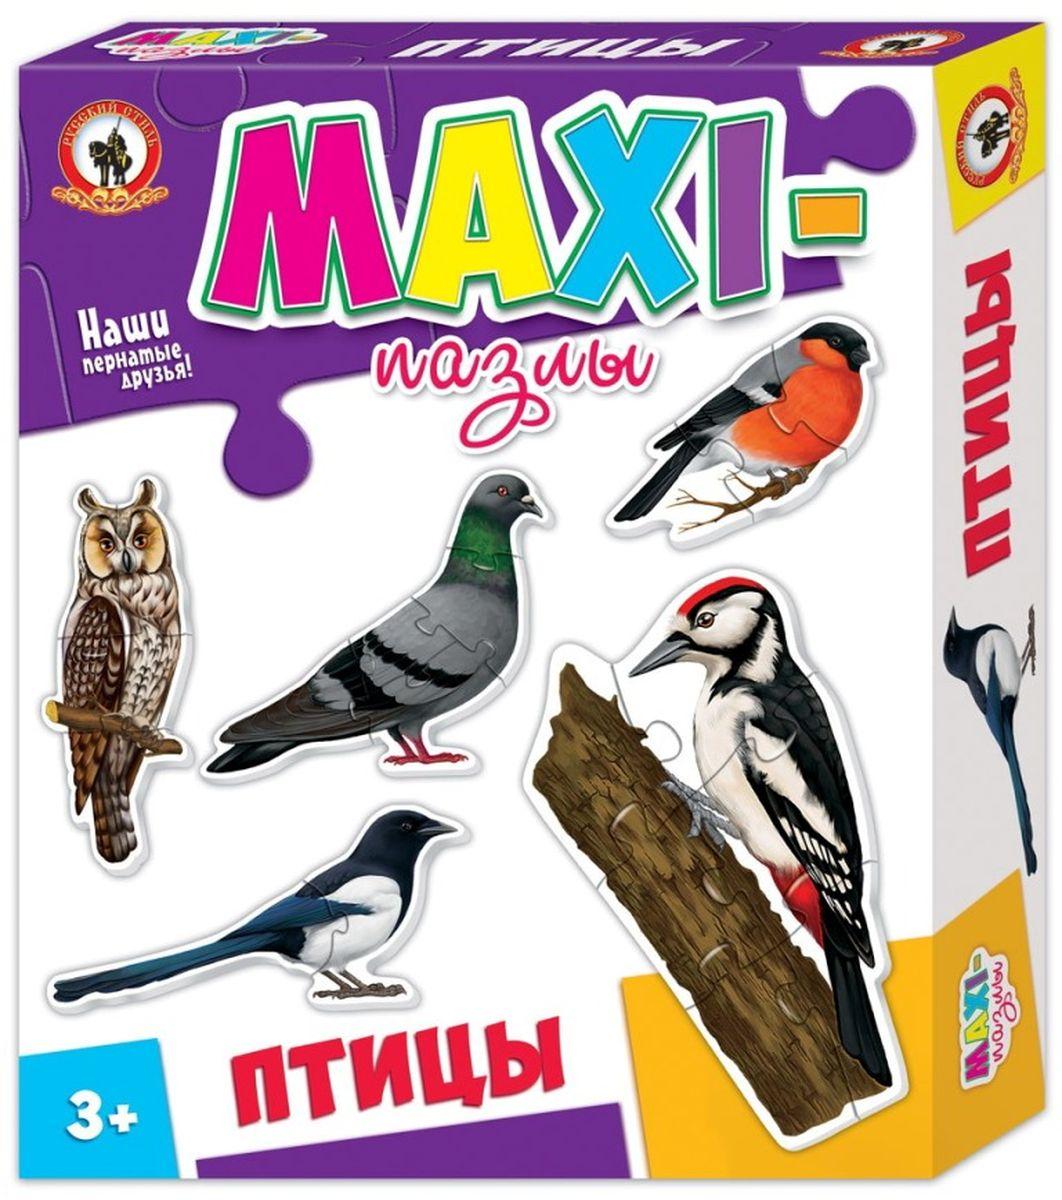 Русский стиль Макси пазлы Птицы03530Игра для детей от 3 лет. Состав набора: Сорока (2 элемента) Снегирь (3 элемента) Сова (4 элемента) Голубь (5 элементов) Дятел (6 элементов)